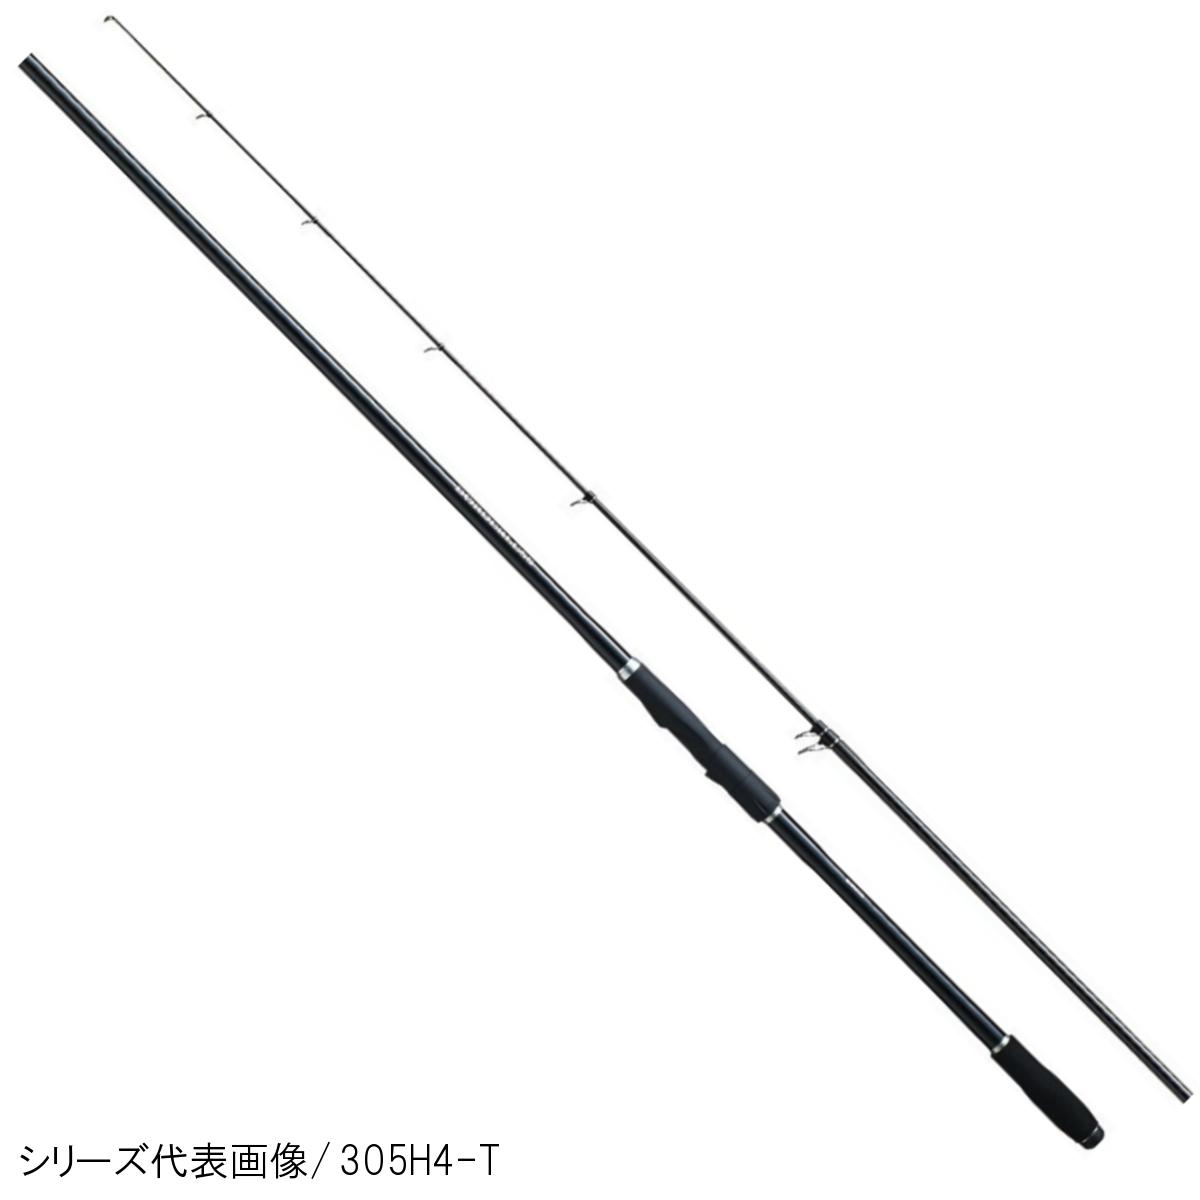 シマノ ボーダレス キャスティング仕様 345H5-T【大型商品】【送料無料】